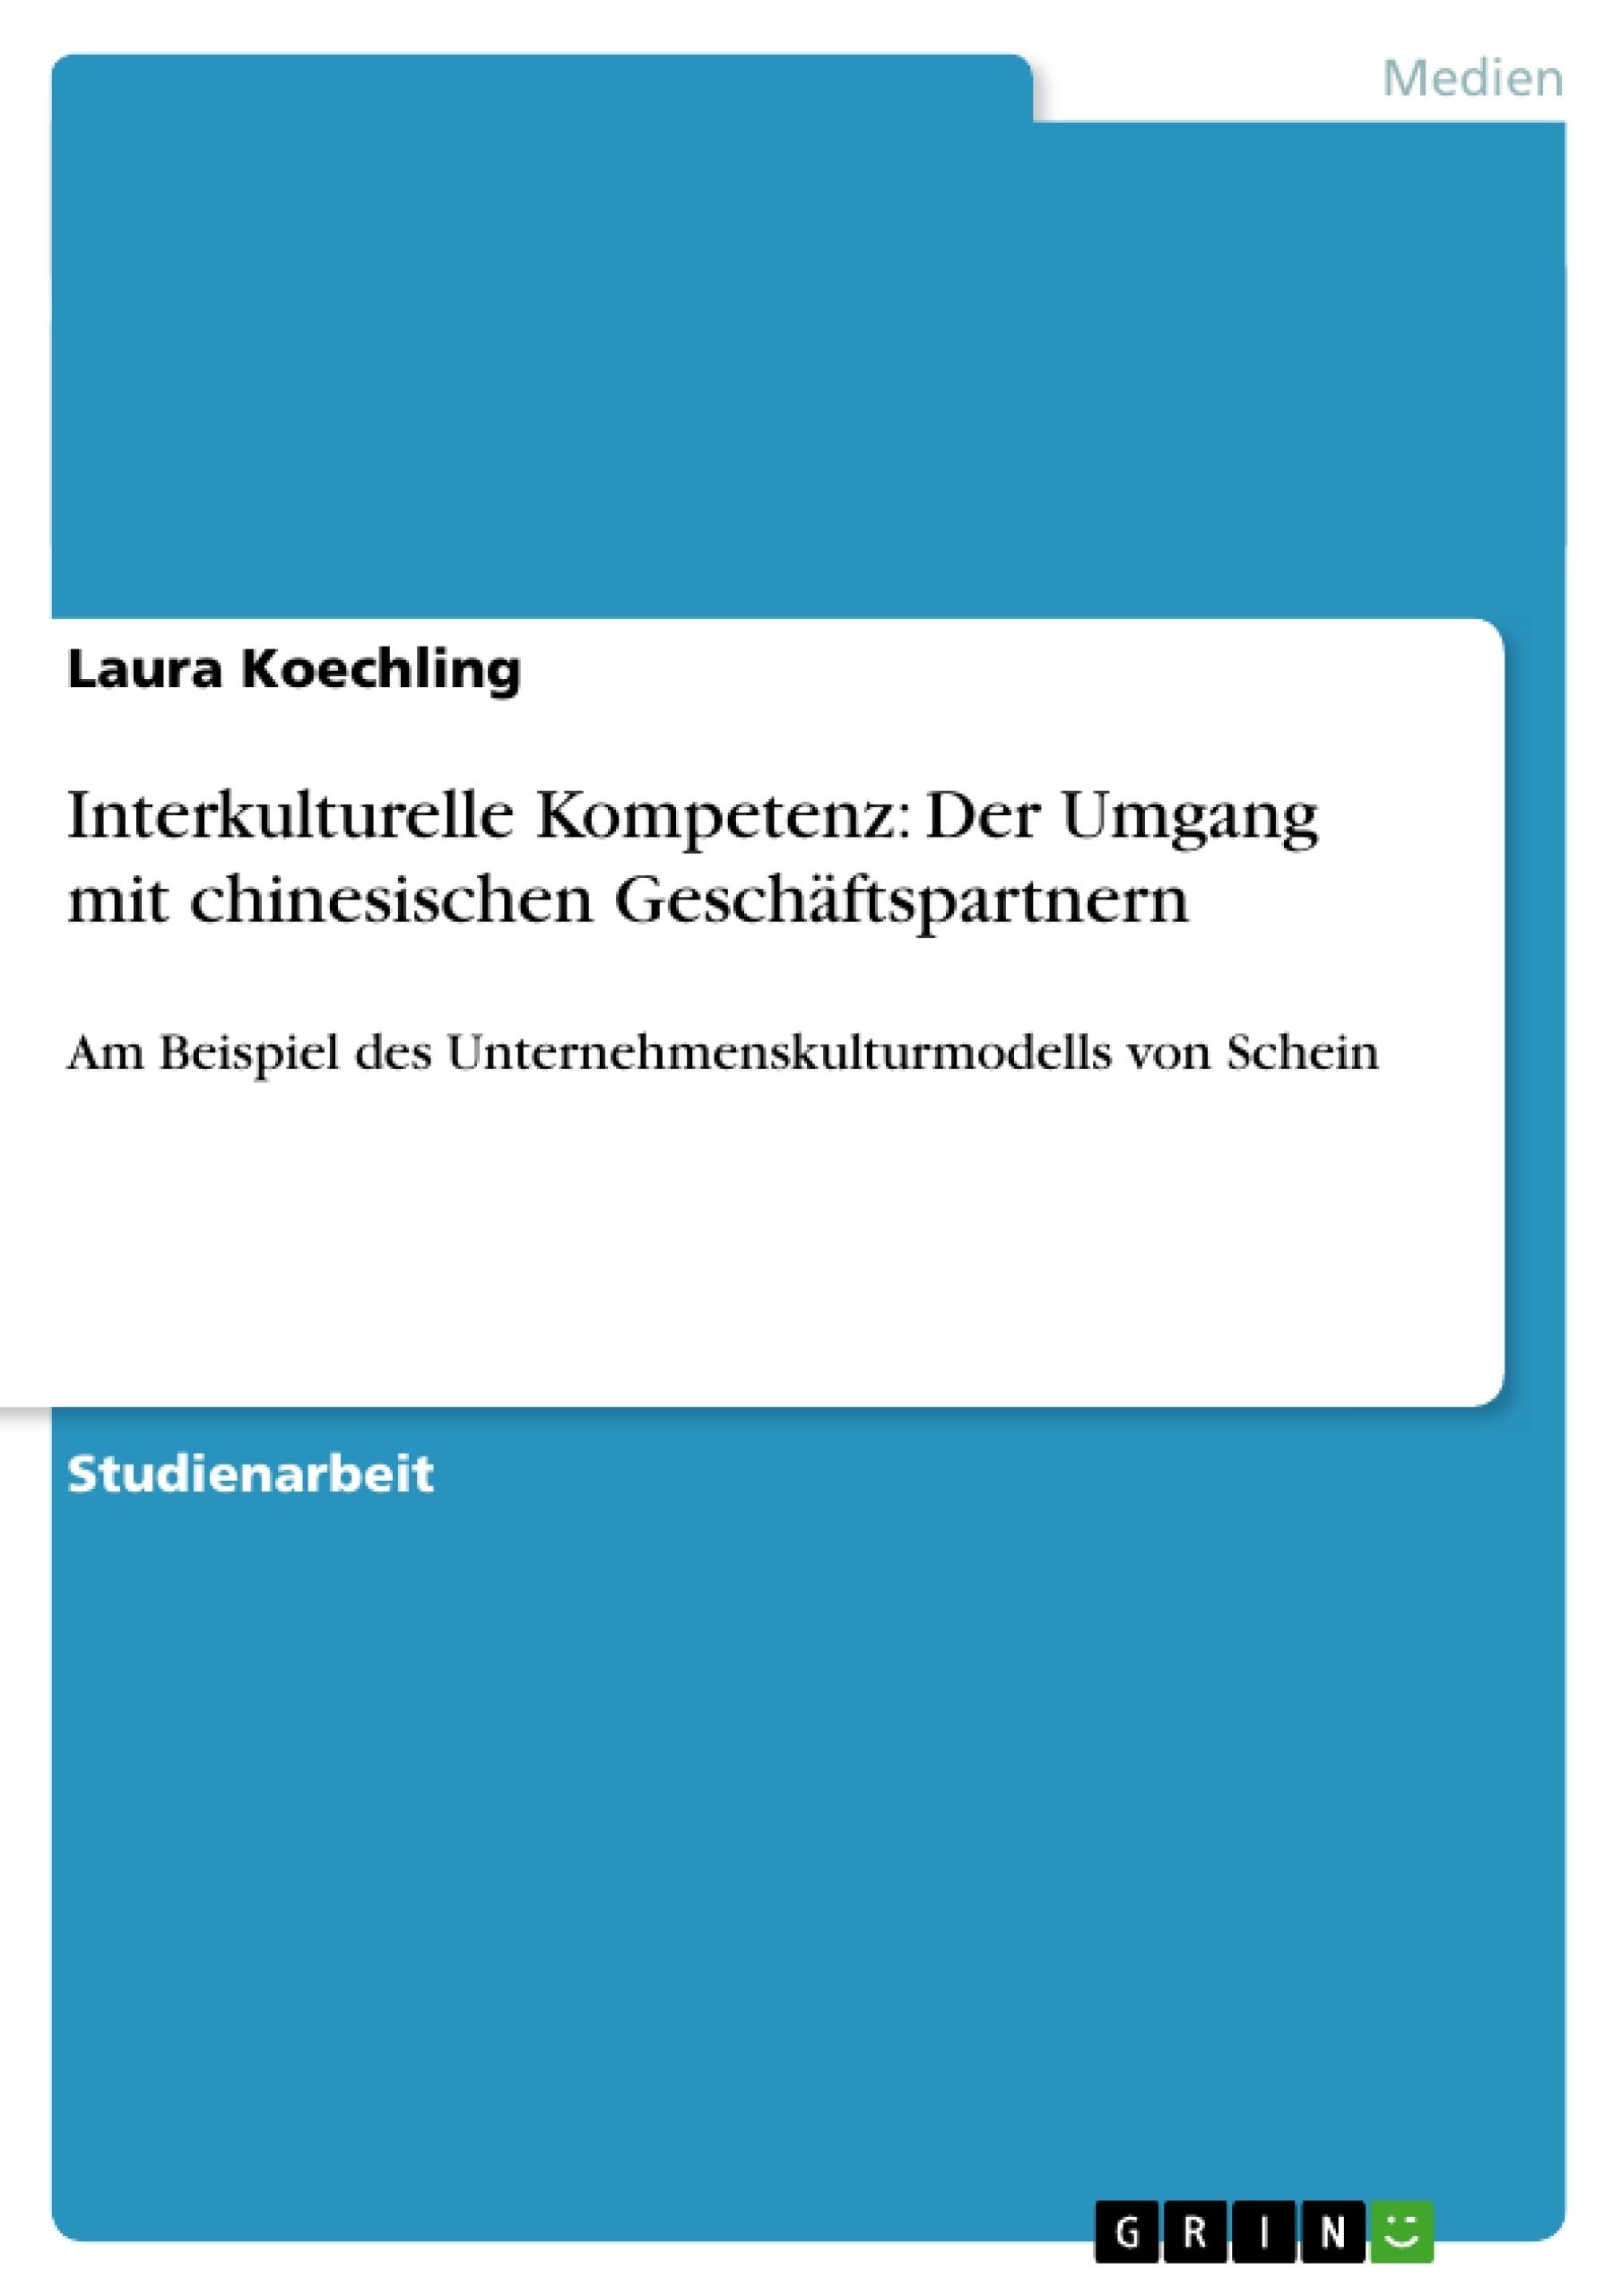 Titel: Interkulturelle Kompetenz: Der Umgang mit chinesischen Geschäftspartnern